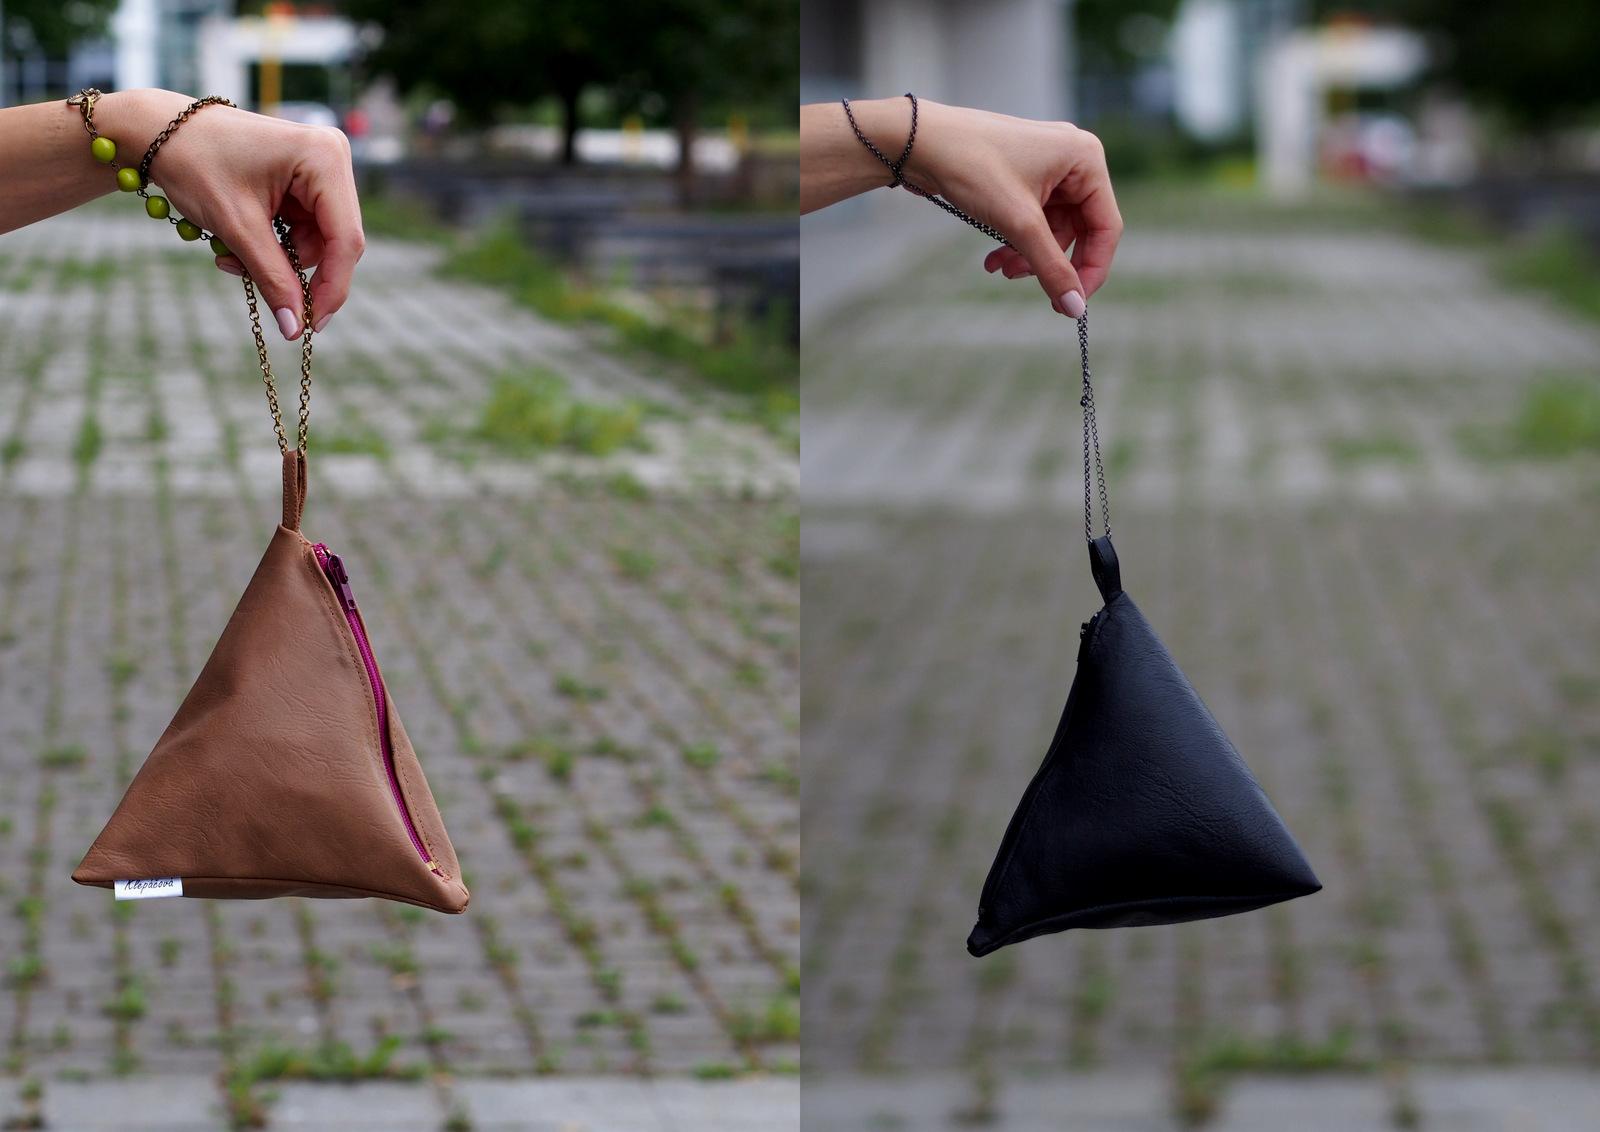 612723225 Voilá a kabelky sú na svete. Ušiť jednu kabelku trvalo asi hodinu. Ešte  odporučenie, zips použite s malým bežcom, napríklad ten ružový je príliš  veľký.